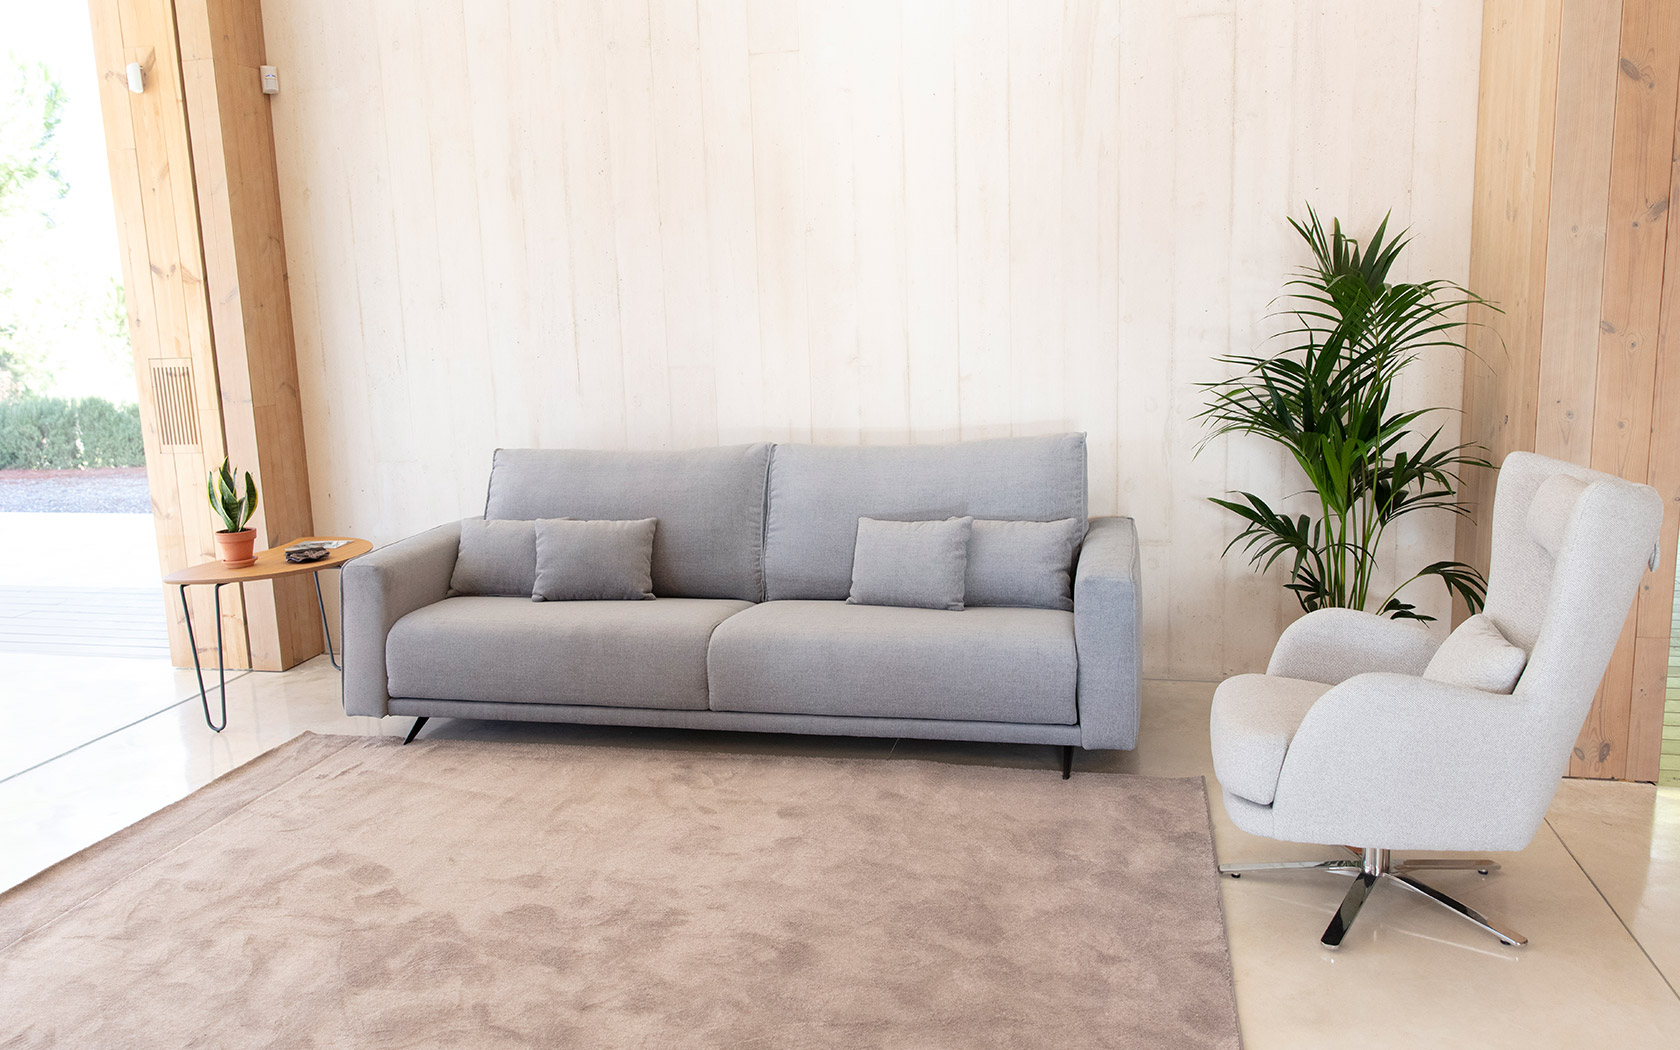 Kylian sofa 2021 01